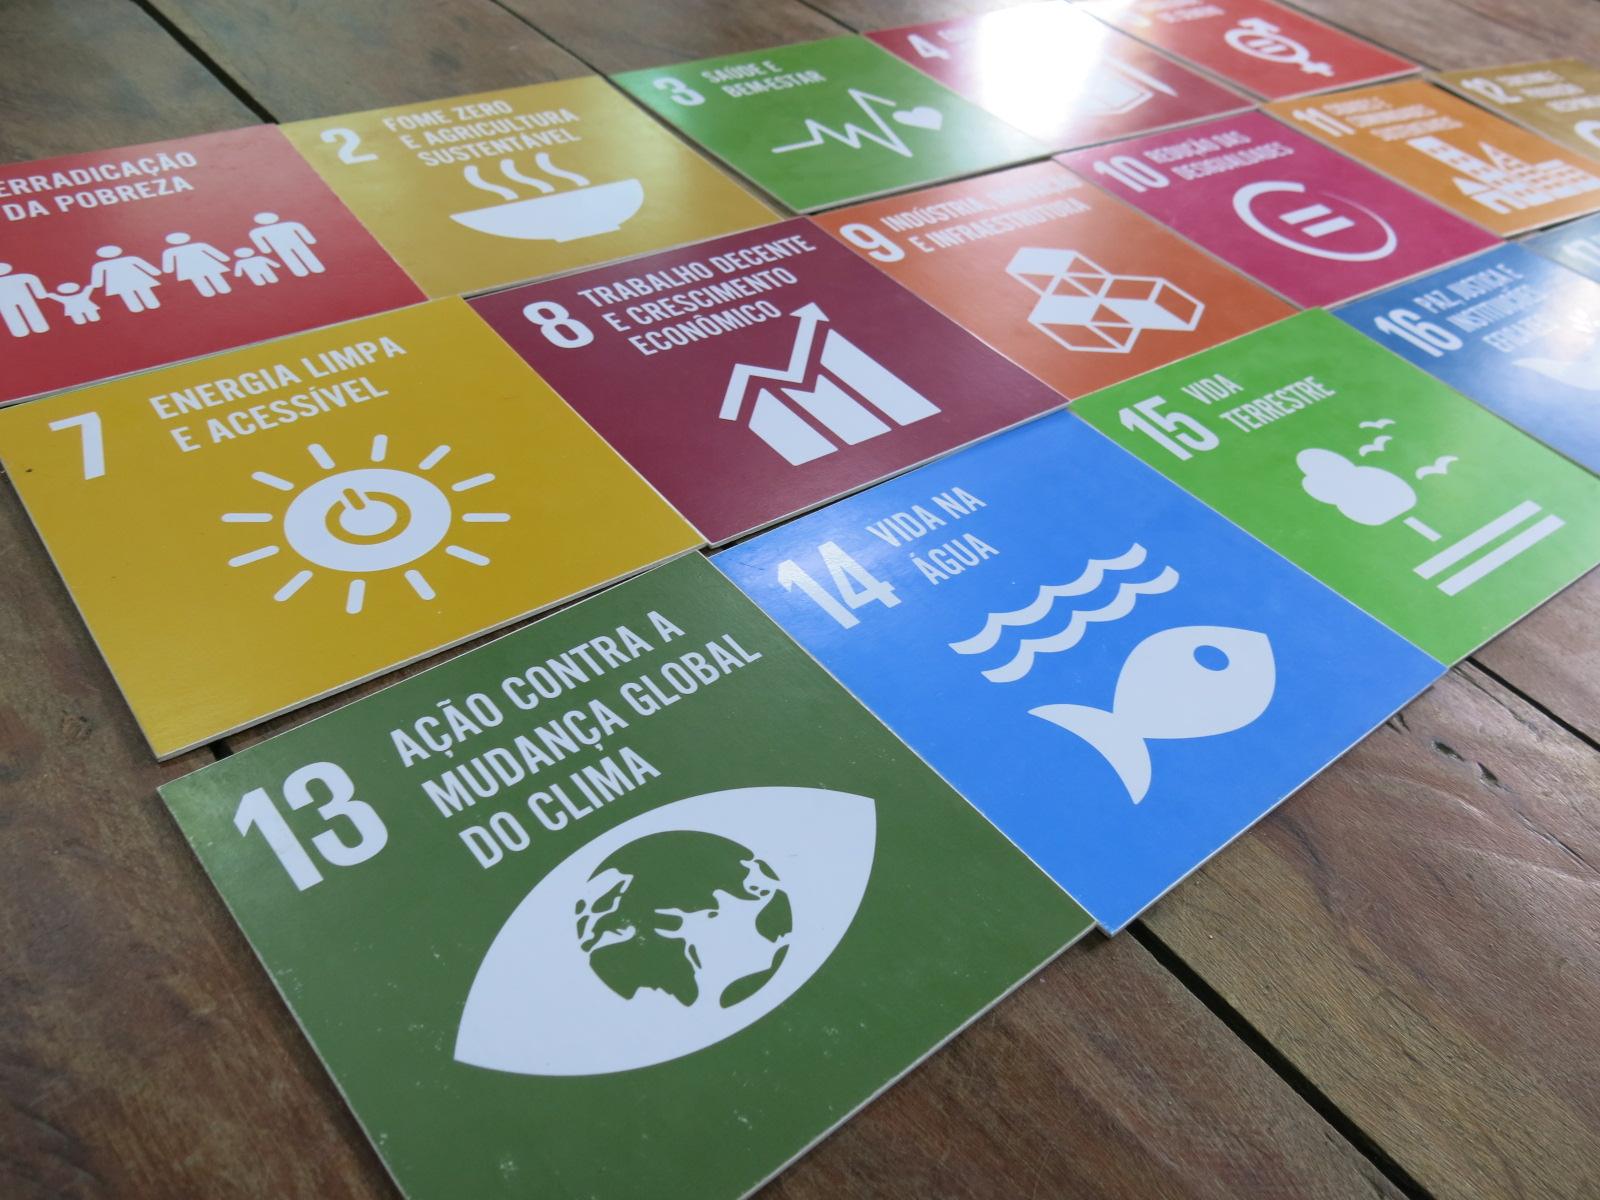 Conferência LCOY Brasil reúne jovens para debater questões climáticas